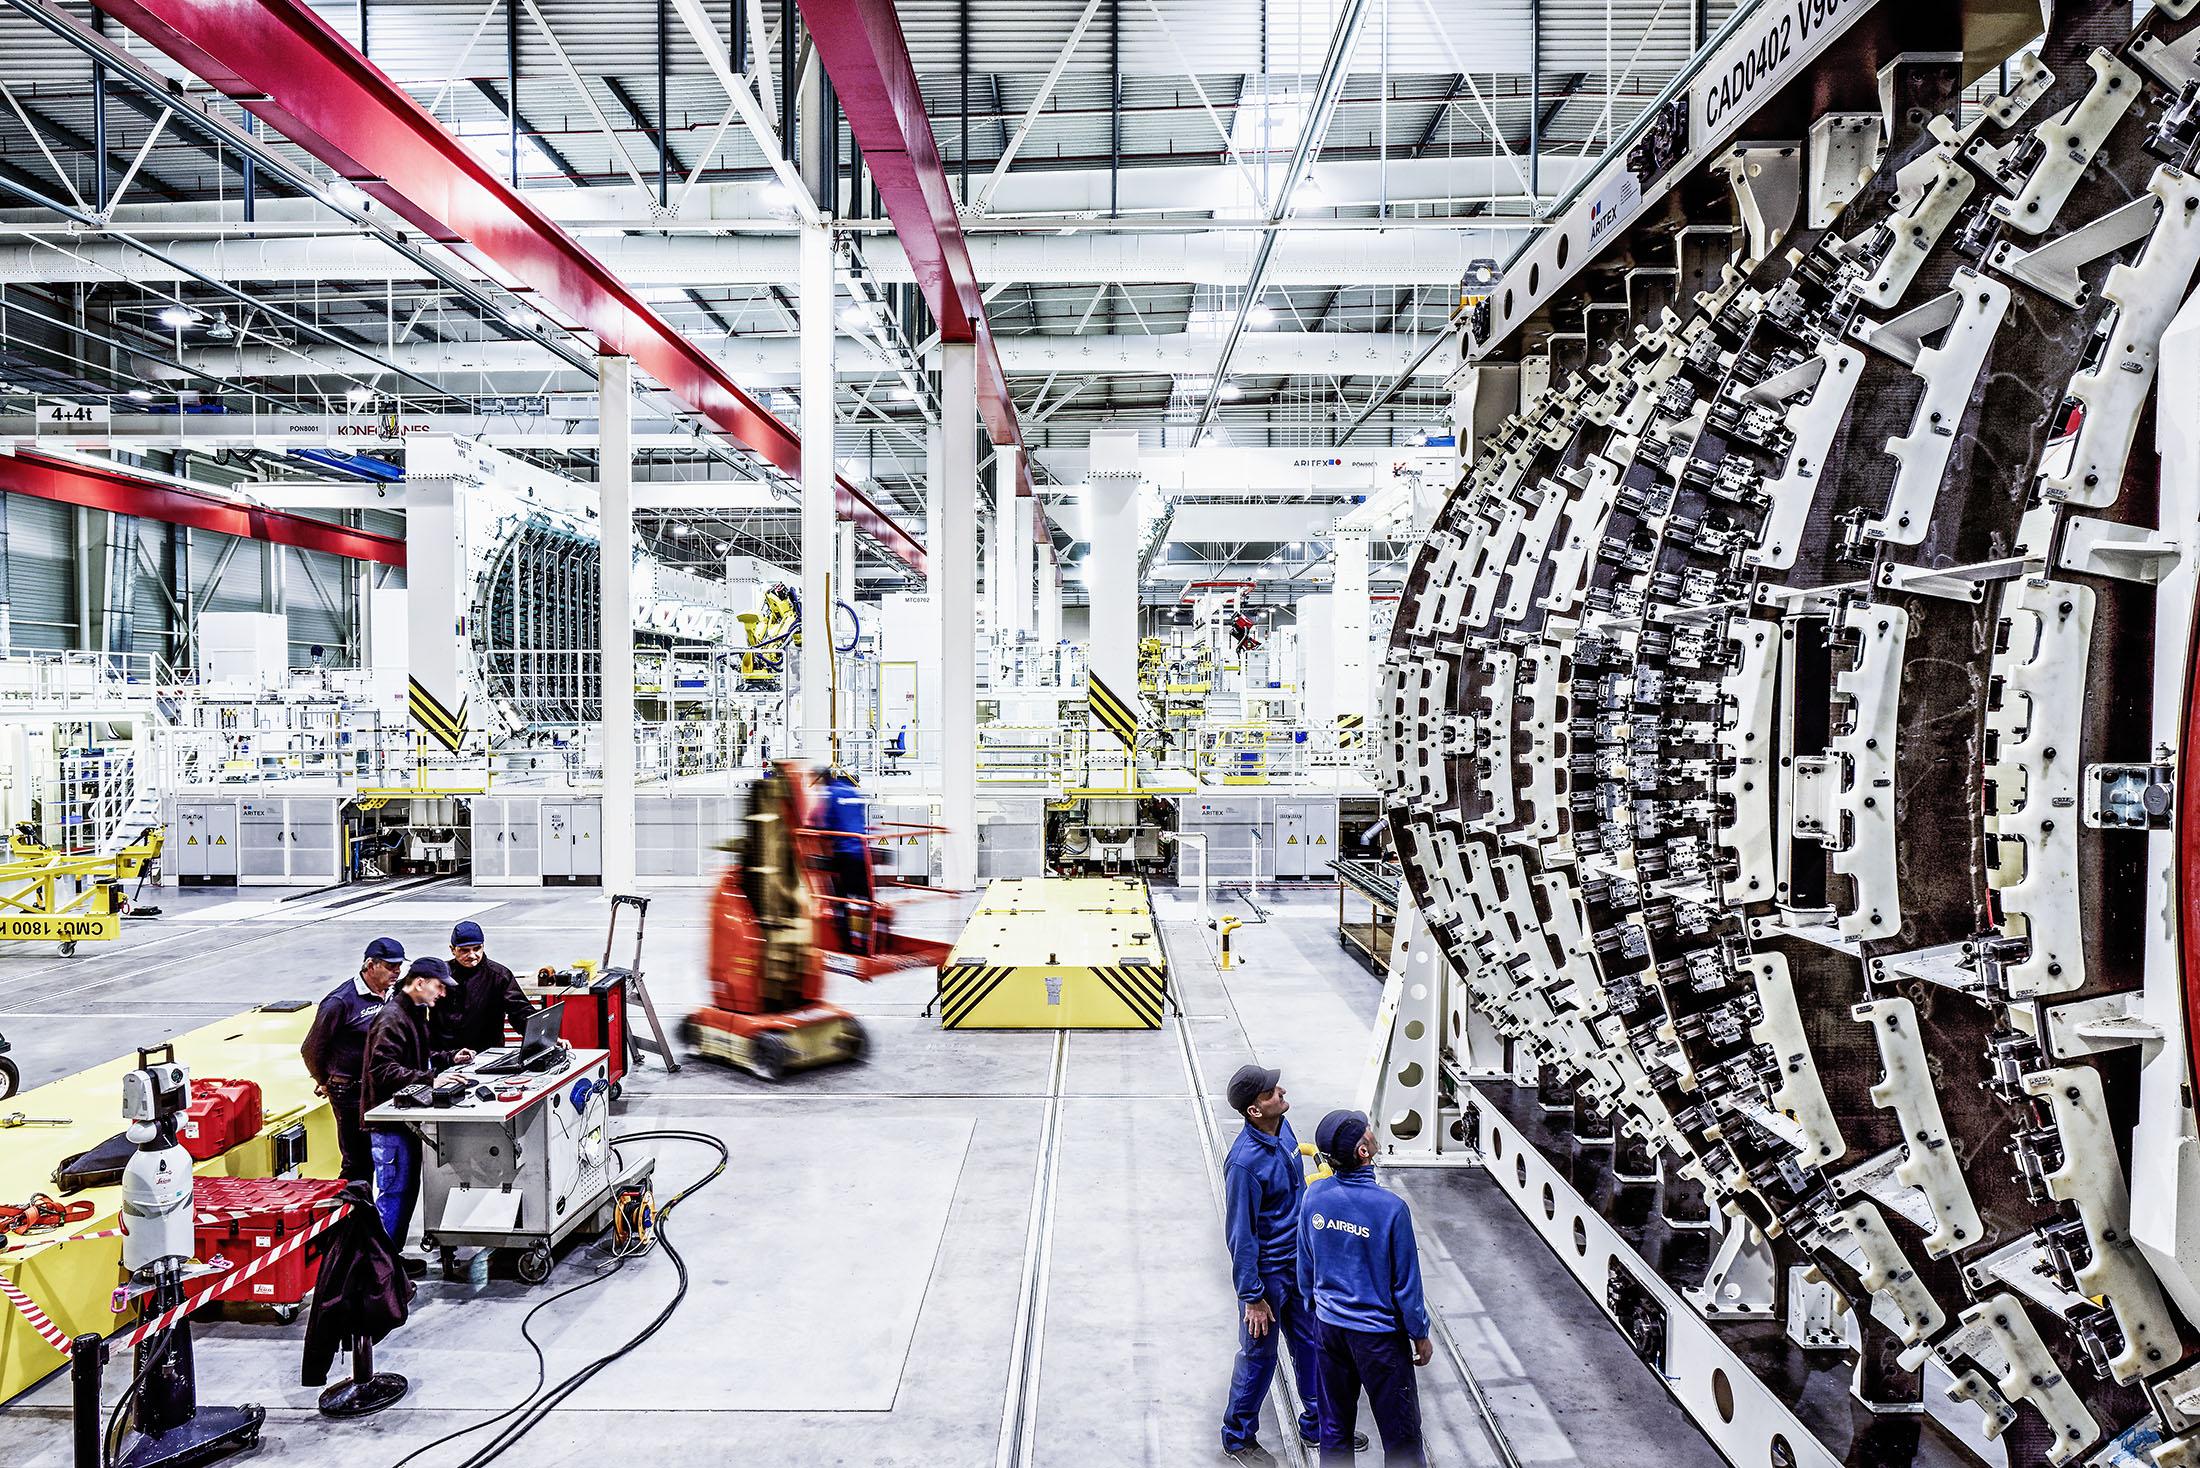 industriefotografie_wolfram schroll_aerospace_68